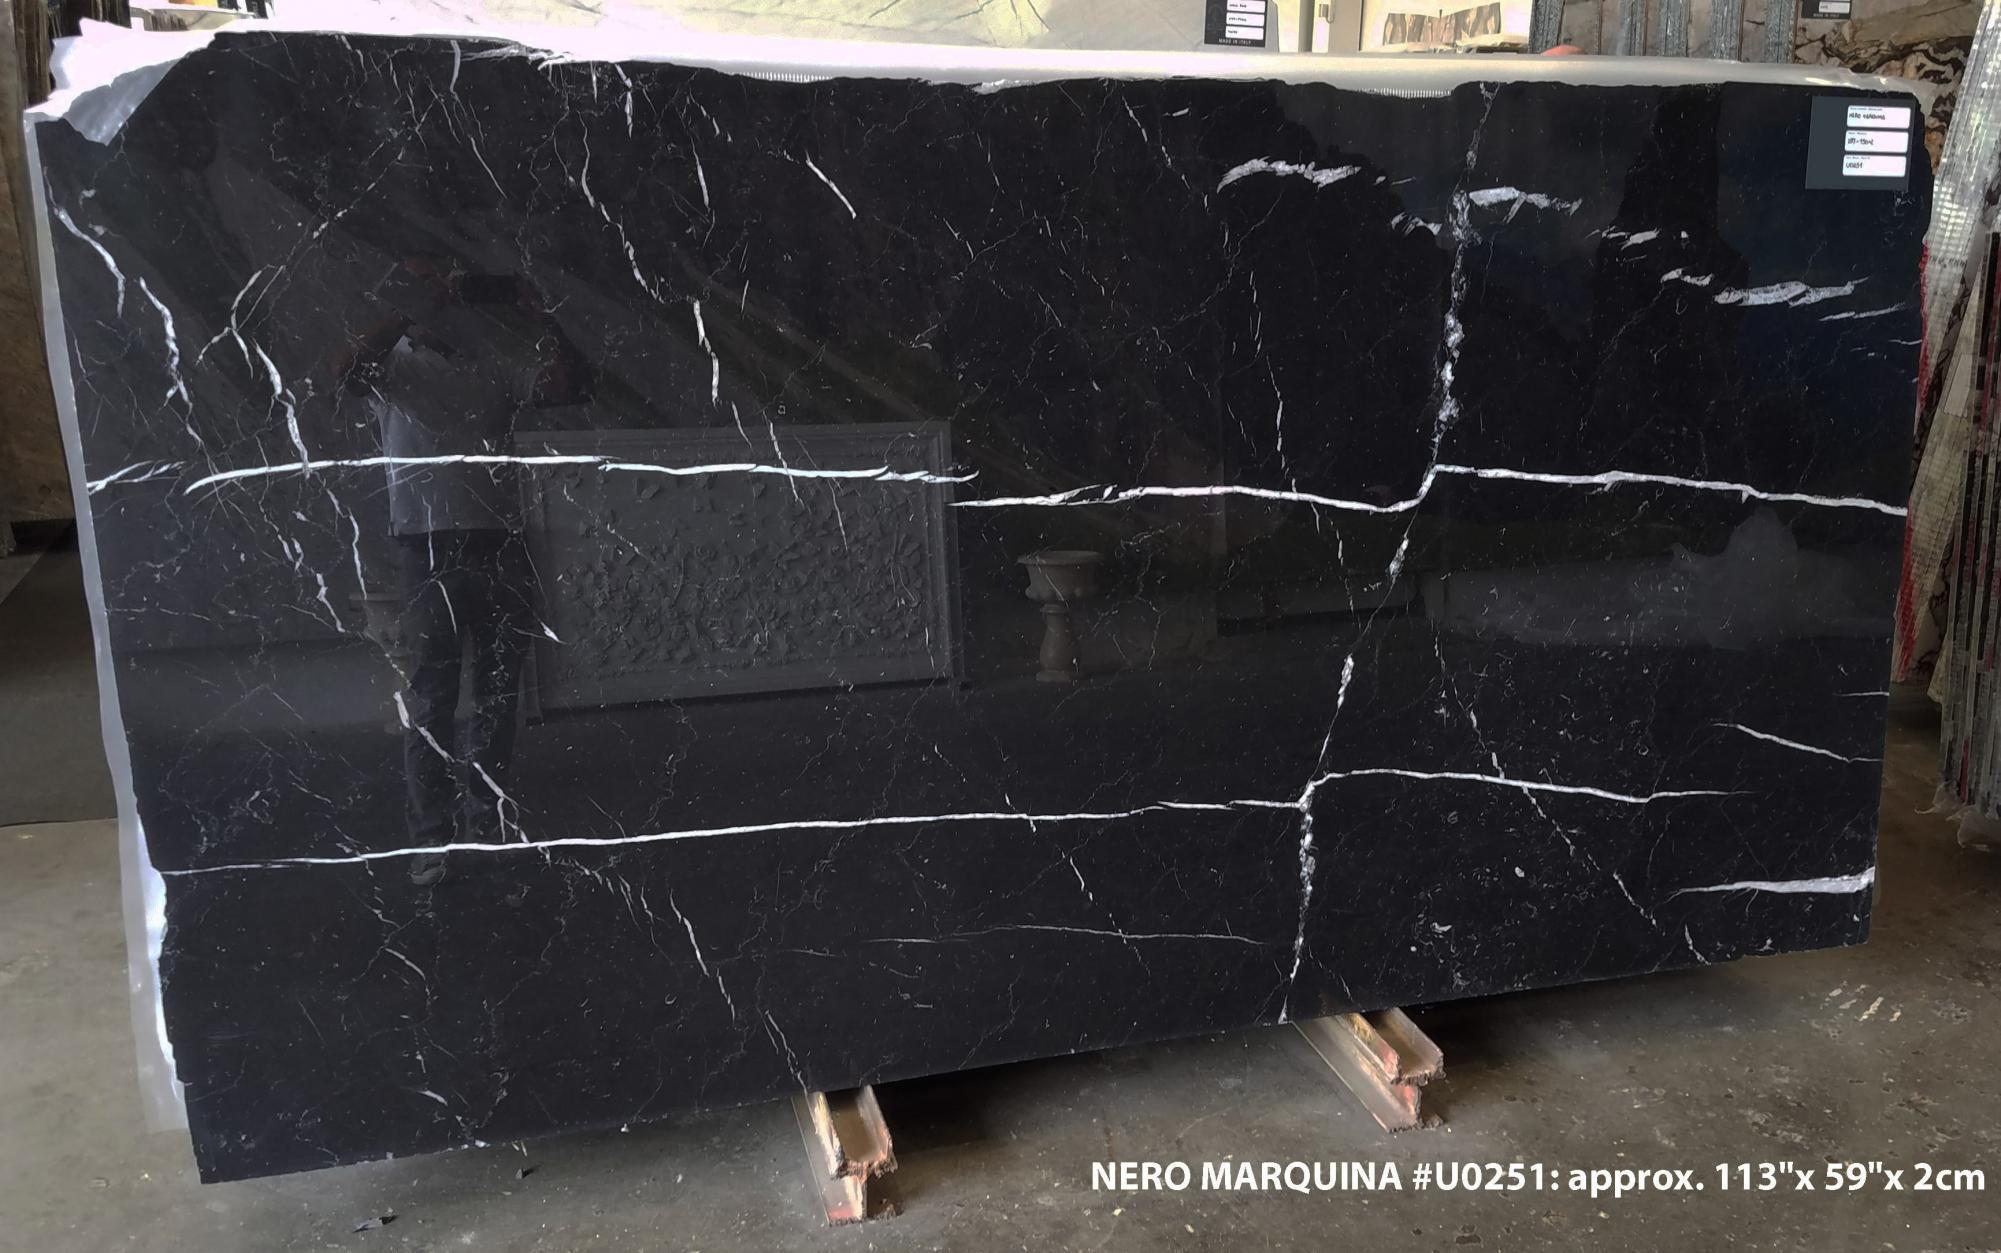 NERO MARQUINA Fornitura Veneto (Italia) di lastre grezze lucide in marmo naturale U0251 , SL2CM